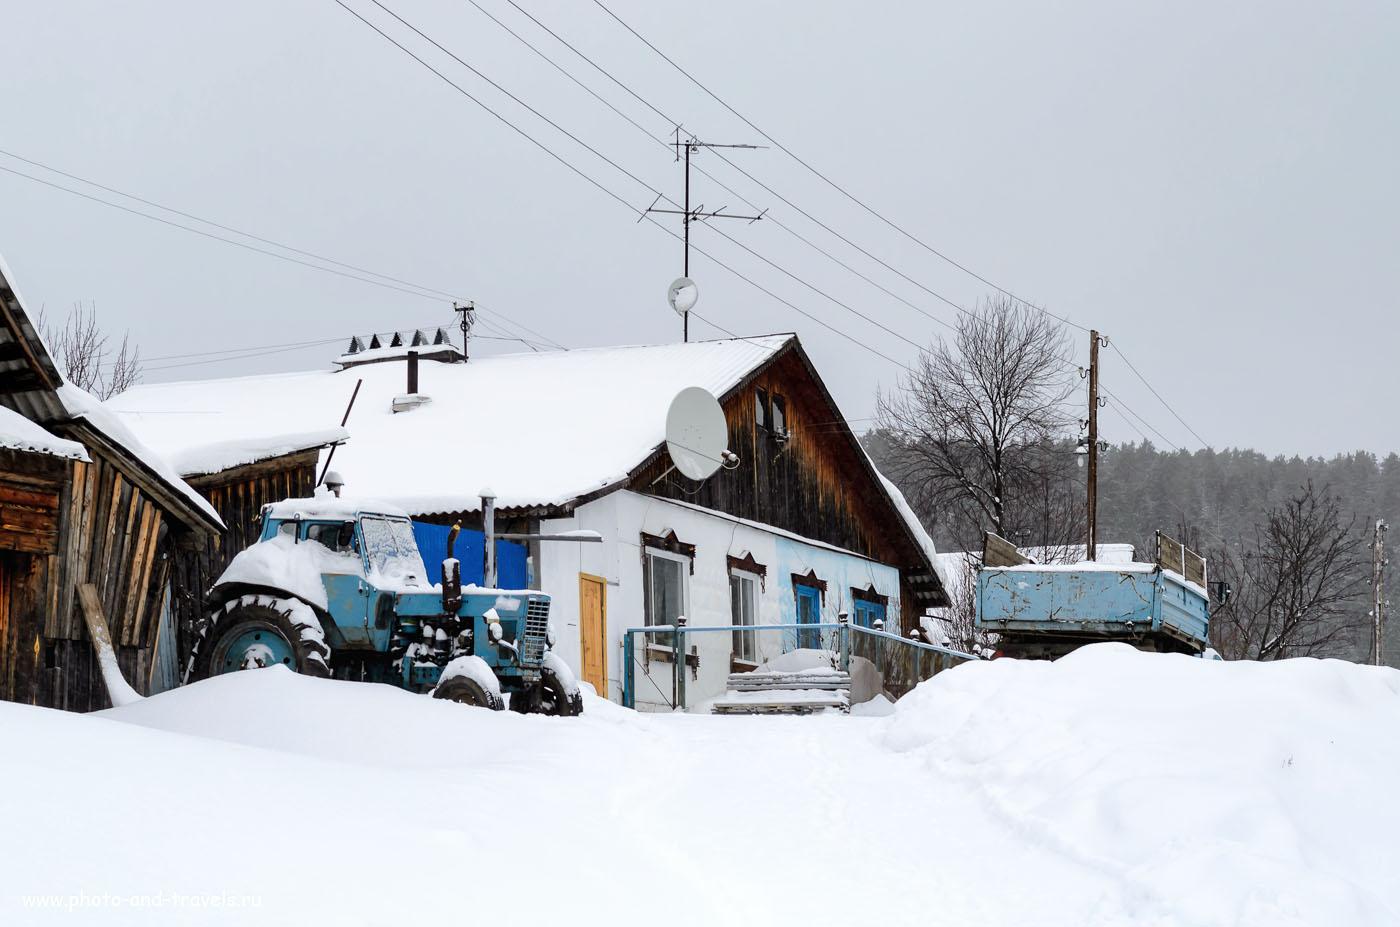 Фотография 28. Беларус на Урале. Камера Nikon D5100 с репортажным светосильным объективом Nikon 17-55mm f/2.8G ED-IF AF-S DX Zoom-Nikkor